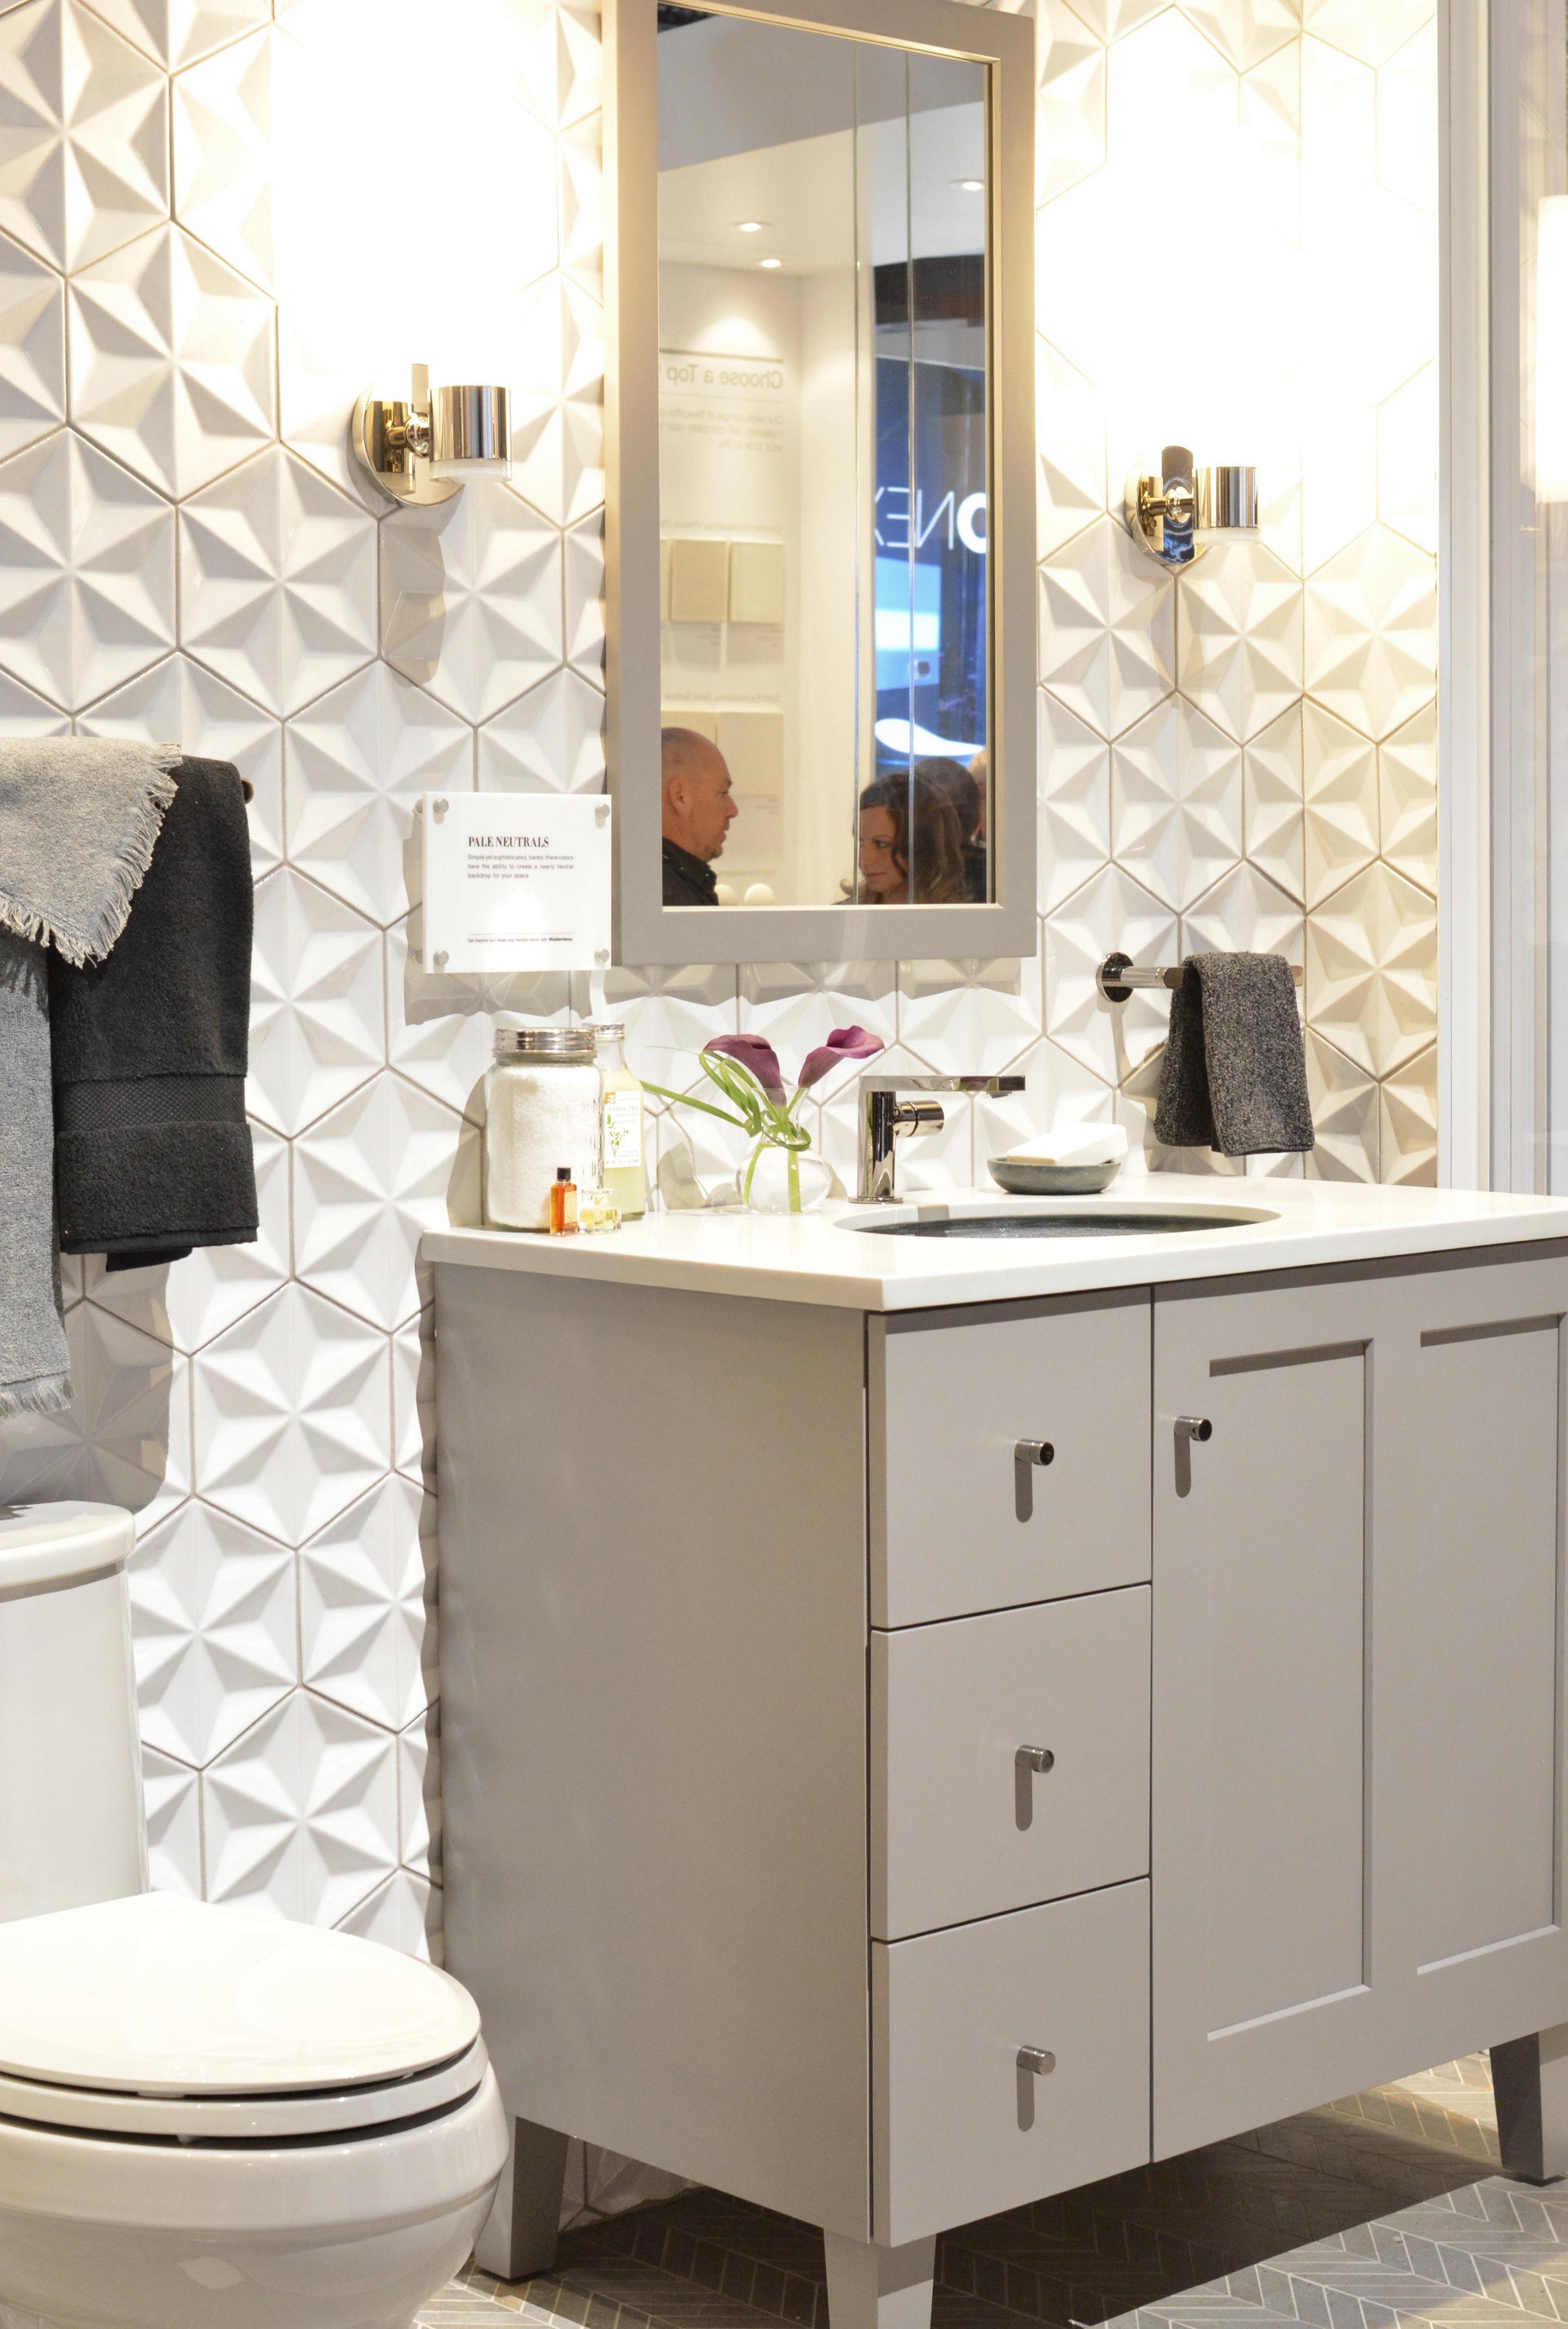 Kitchen bath trends 2016 centsational girl for Current bathroom tile trends 2016